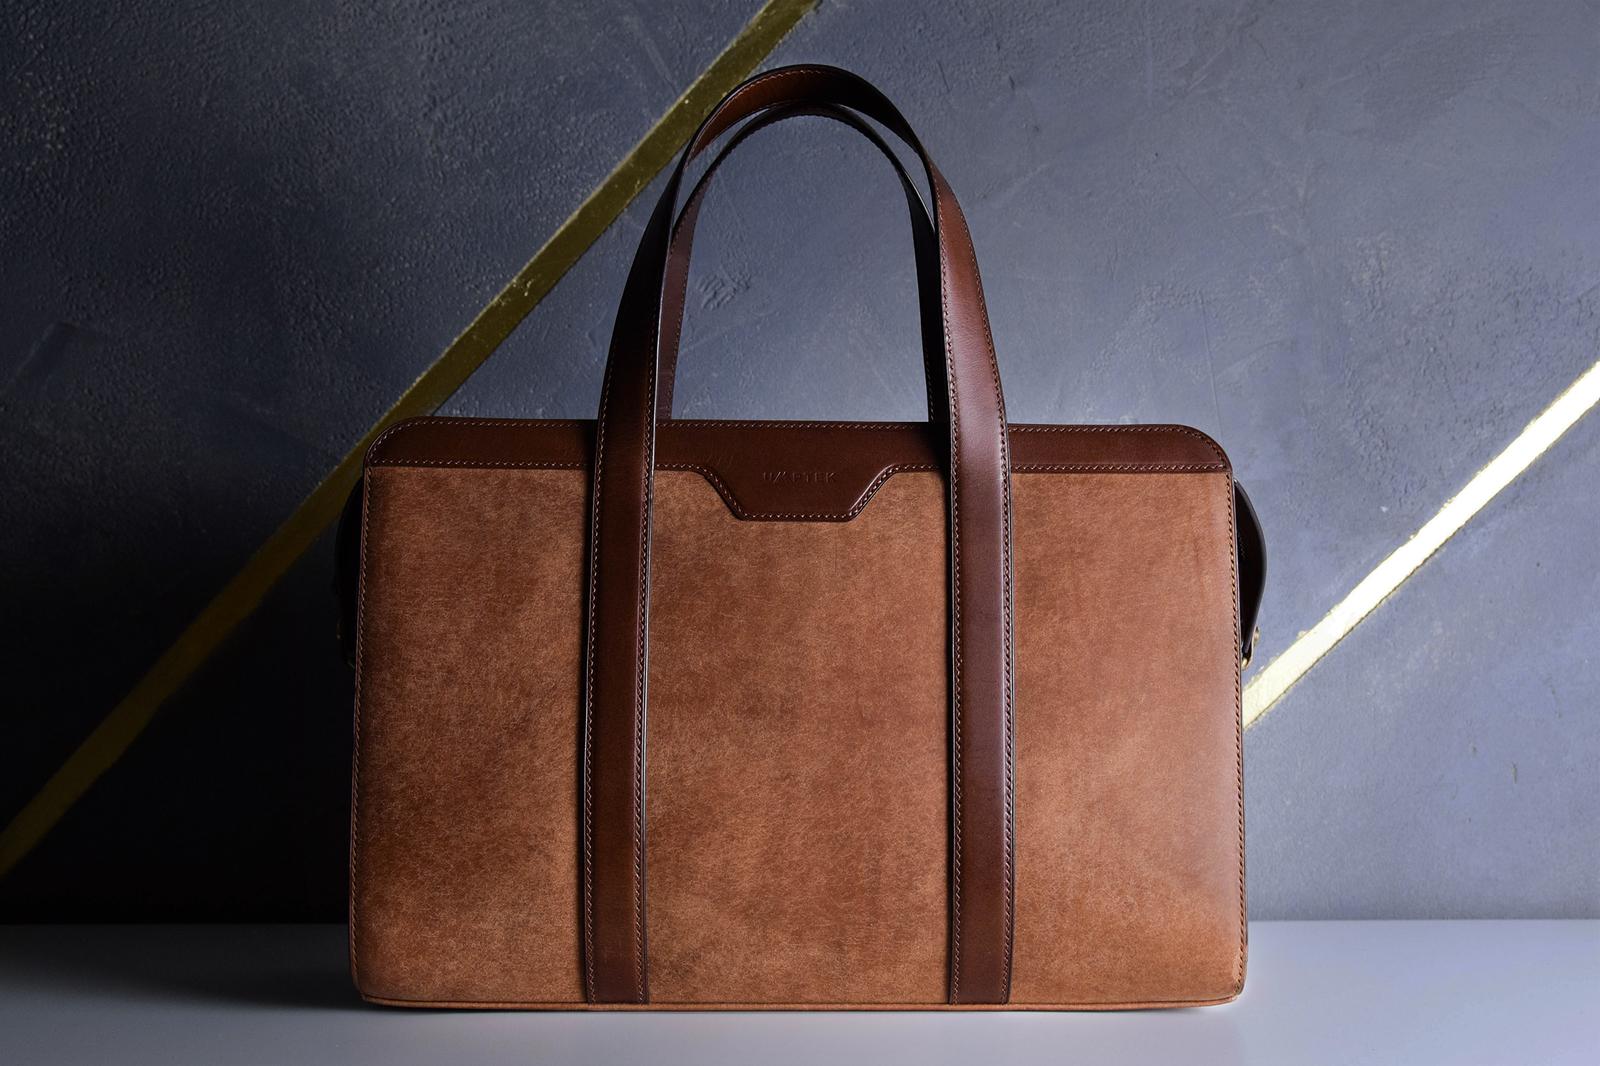 281eb8aea3ec Мужская сумка из кожи Pueblo и Buttero Ручная работа, Кожа, Изделия из кожи,